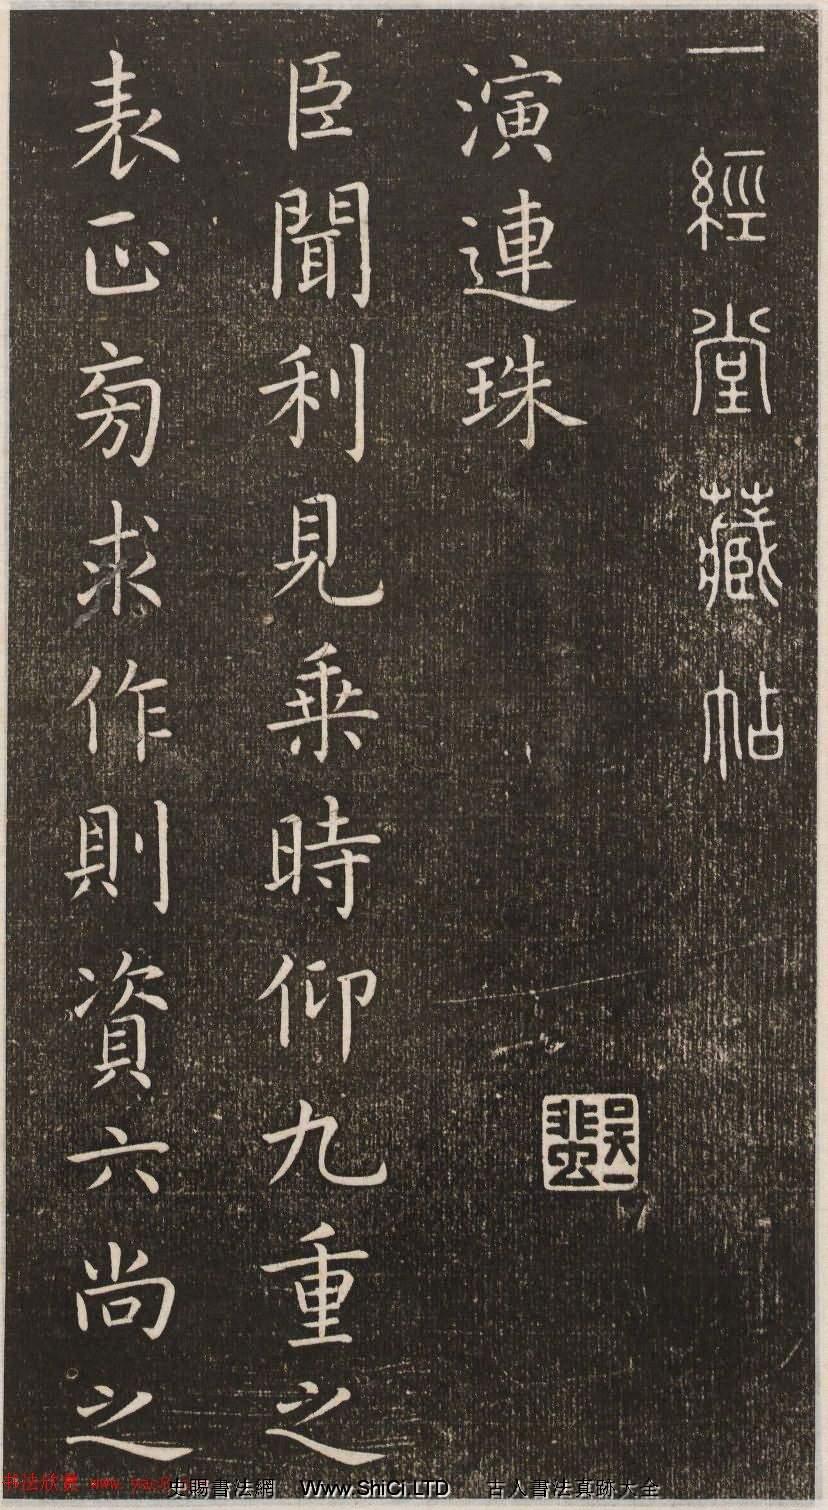 初唐大書法家虞世南楷書字帖《演連珠》(共10張圖片)